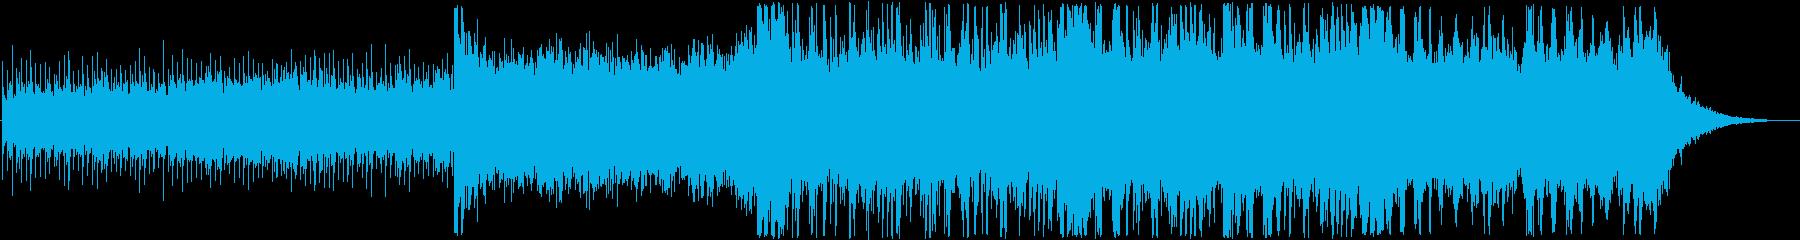 神秘的なテクスチャーアンビエントの再生済みの波形